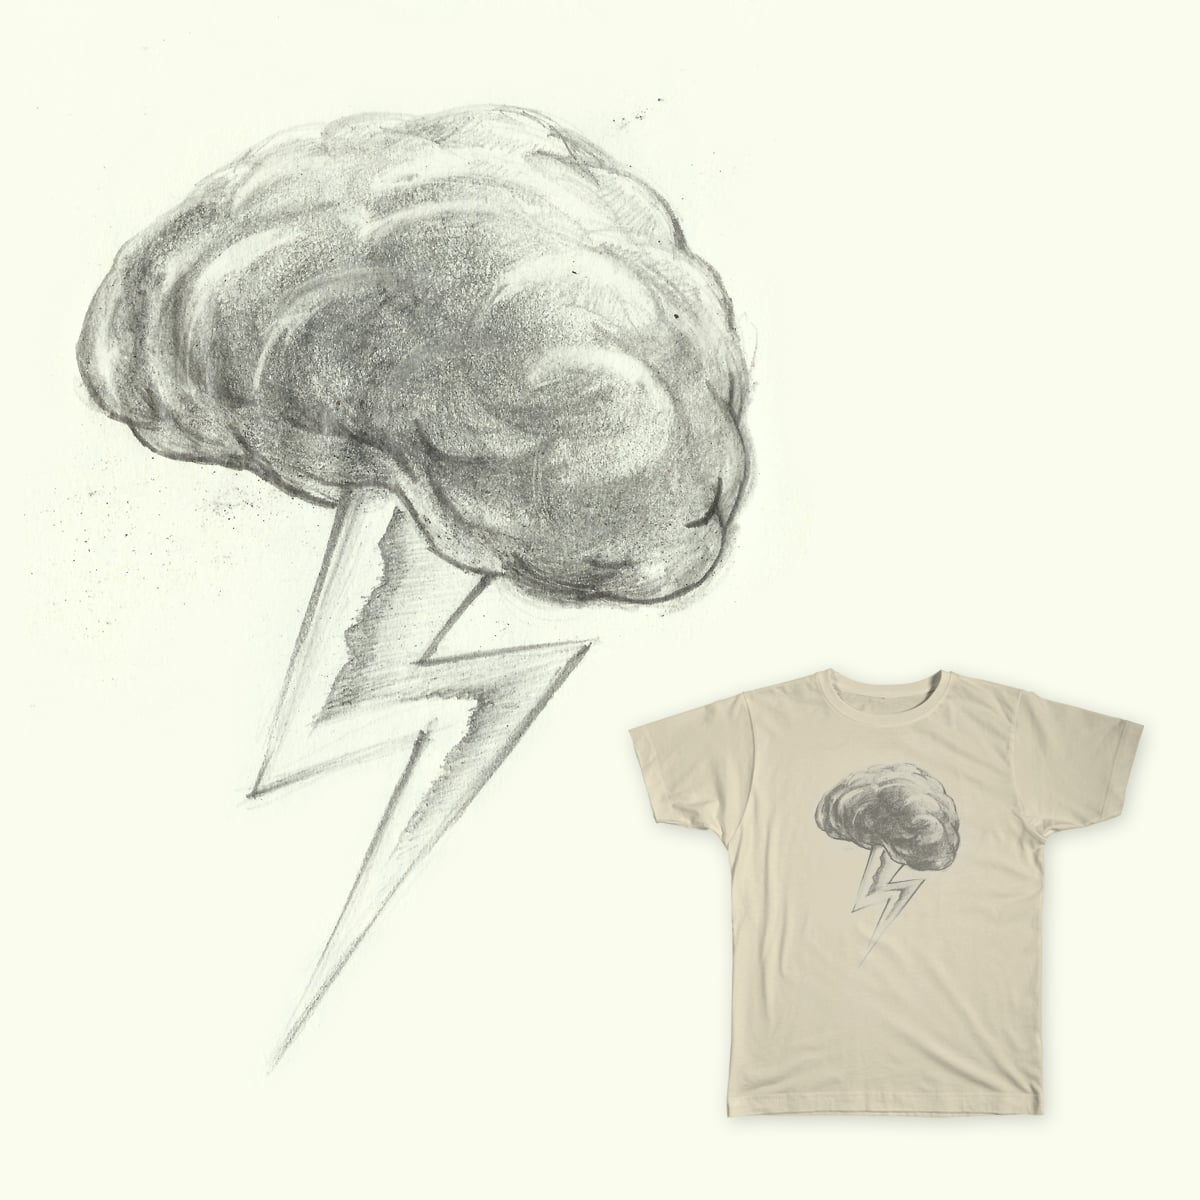 Brainstorming by derrygautama on Threadless